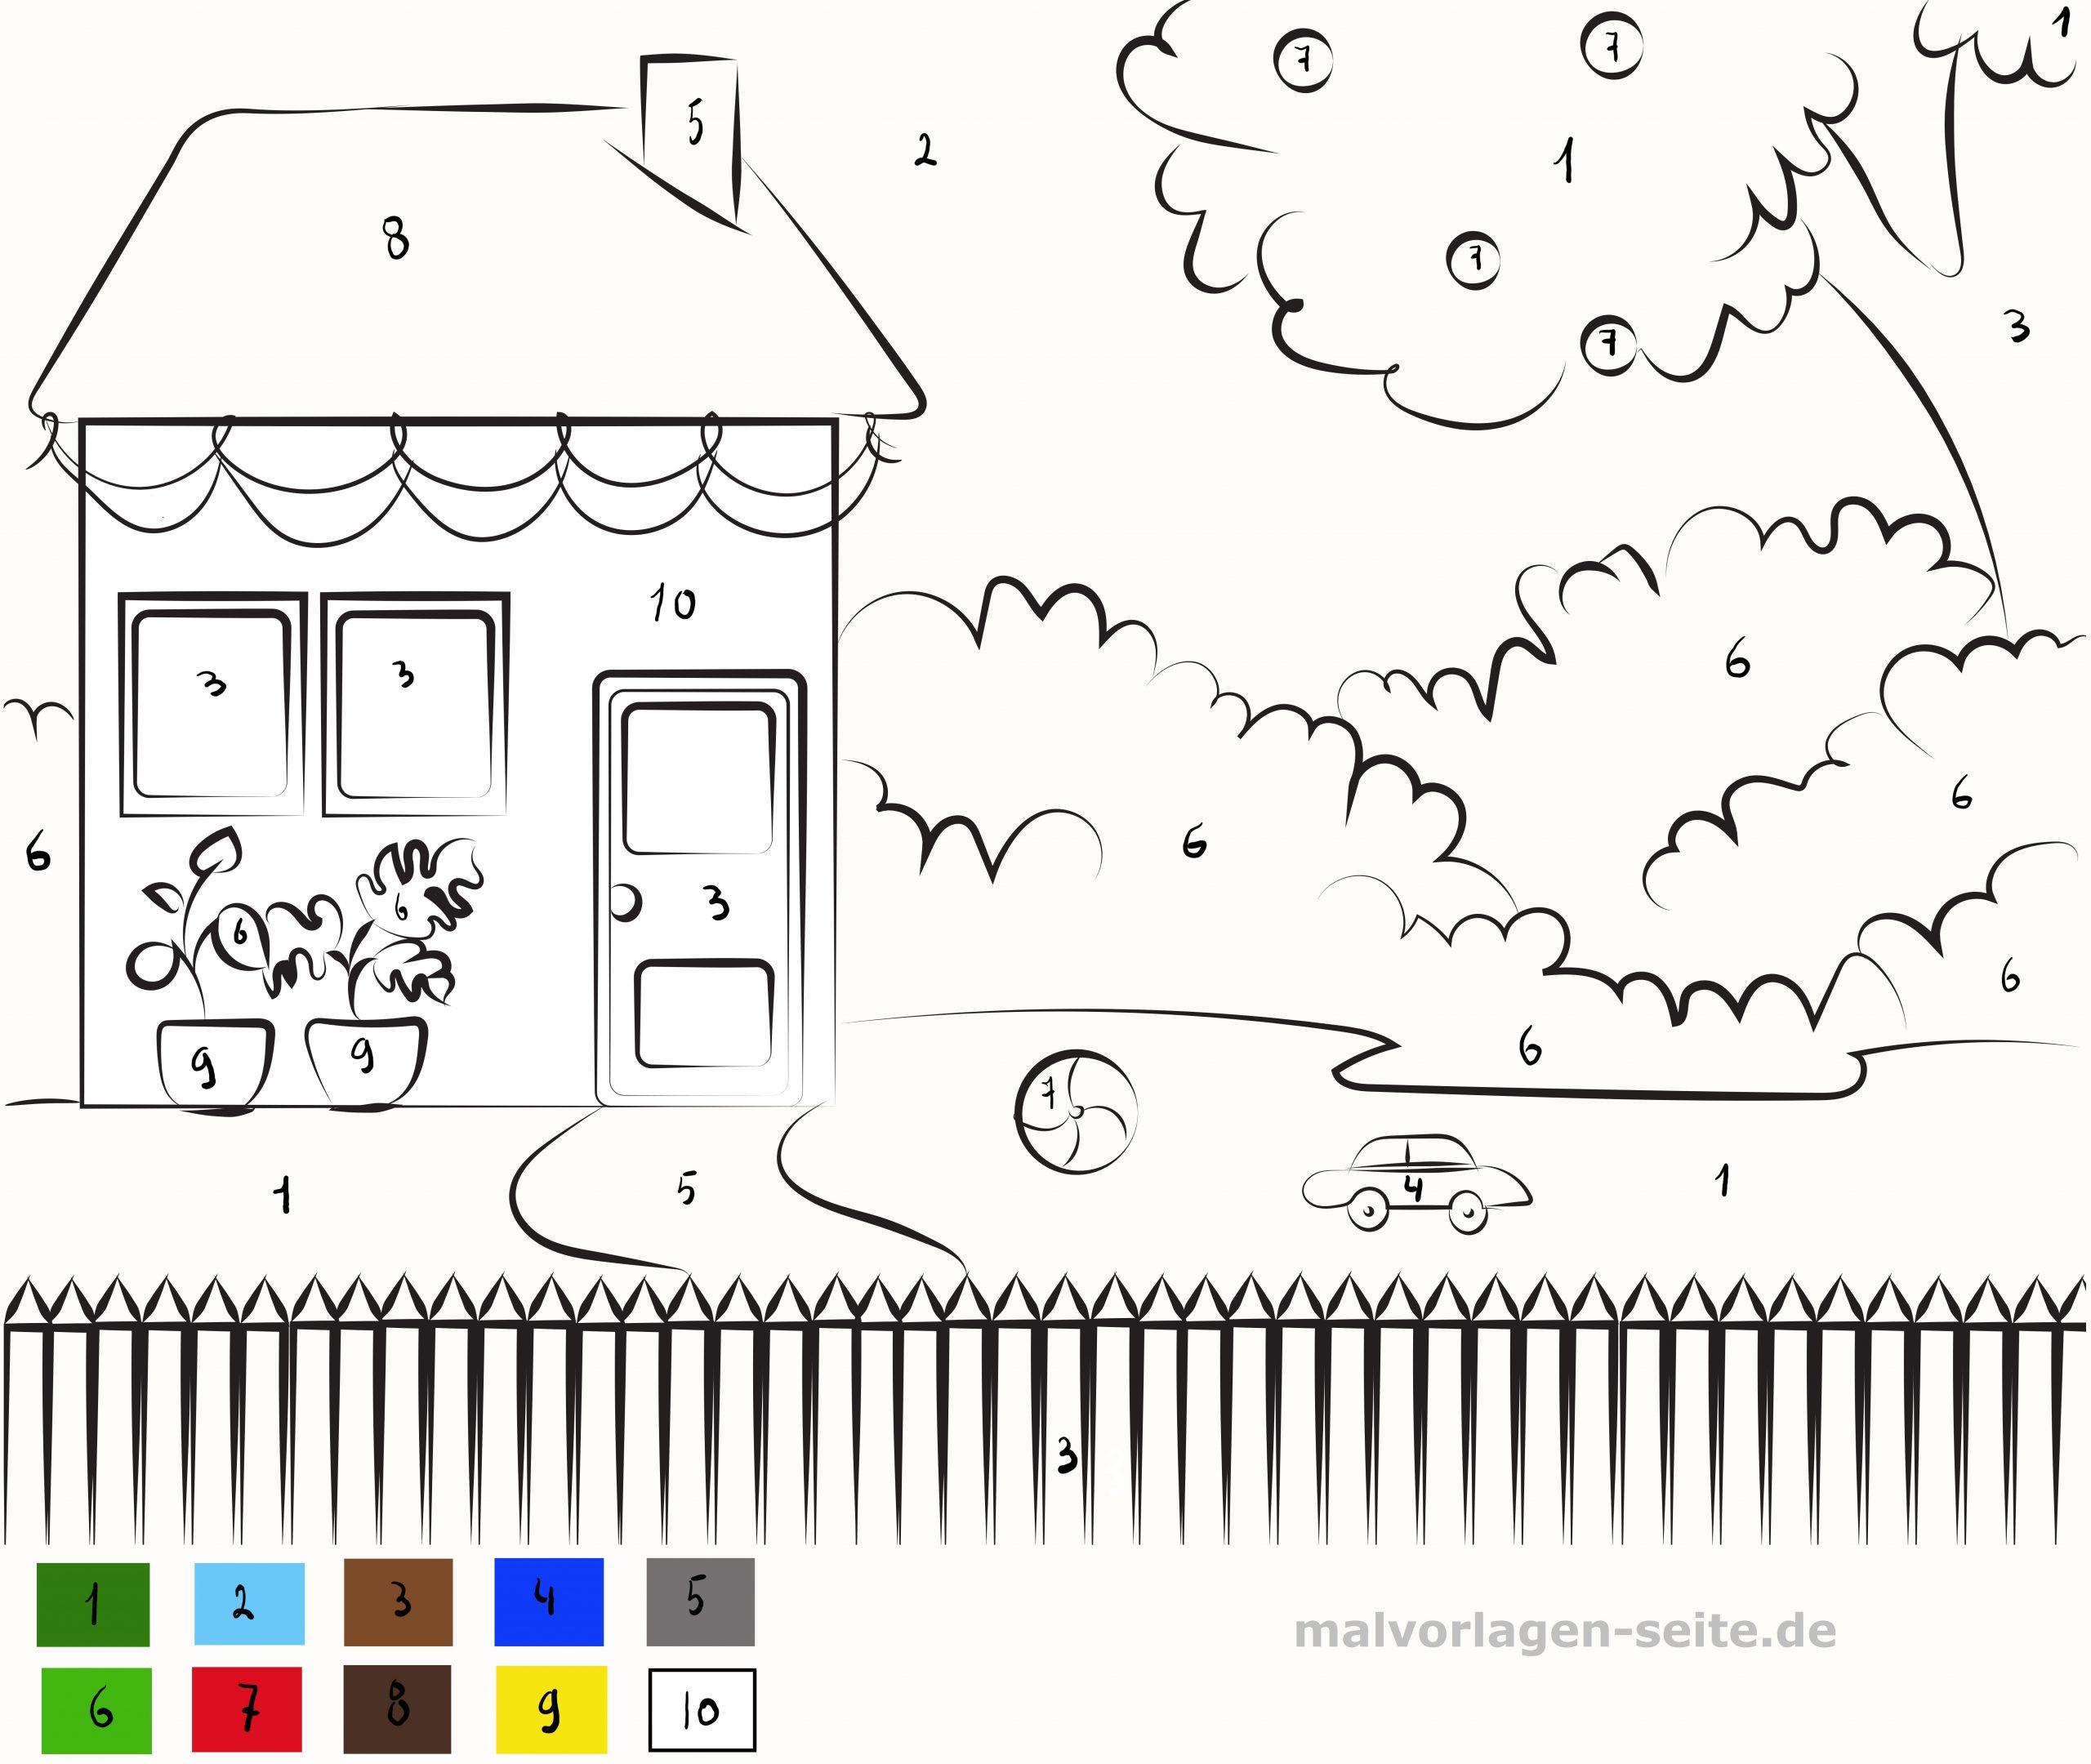 Malen Nach Zahlen Haus Mit Garten - Ausmalbilder Kostenlos über Malen Nach Zahlen Vorlagen Kostenlos Ausdrucken